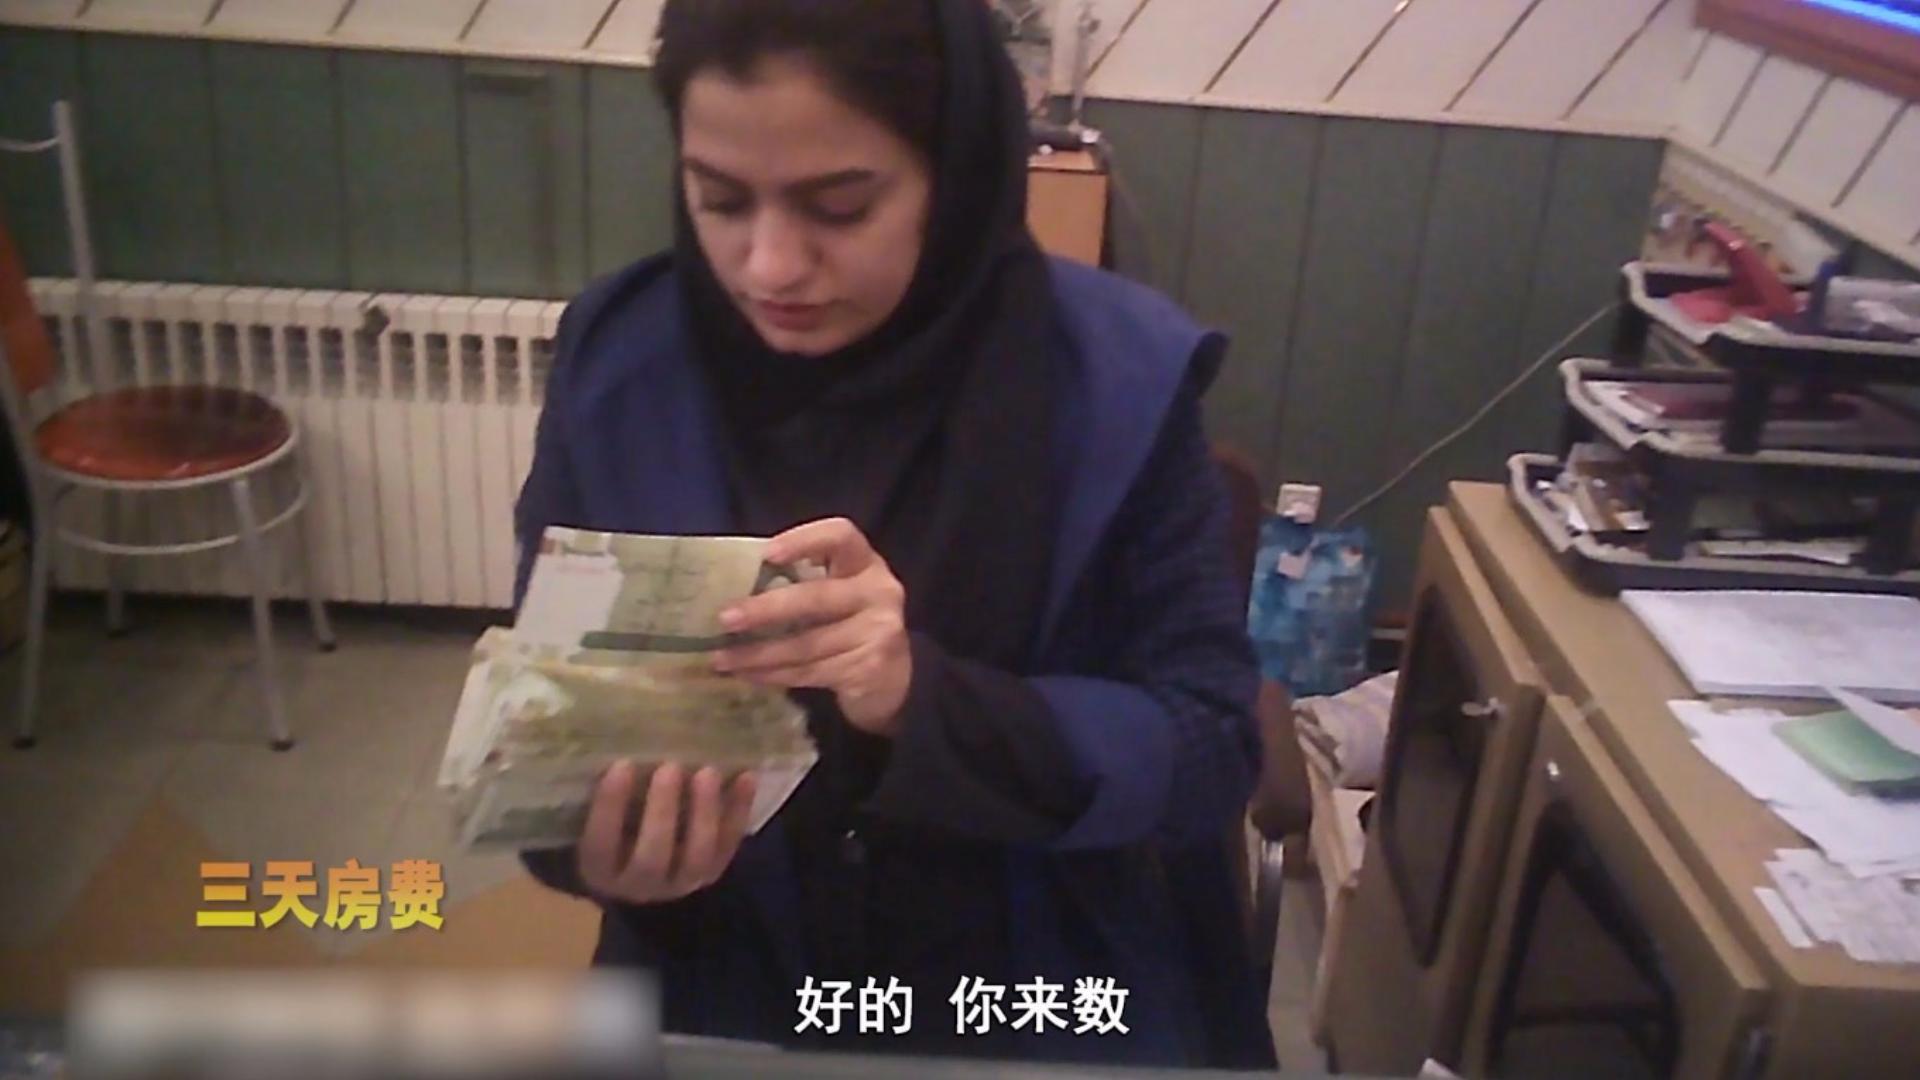 雷探长亲身体验伊朗货币大贬值,带一捆钱住酒店,油价涨到3块钱